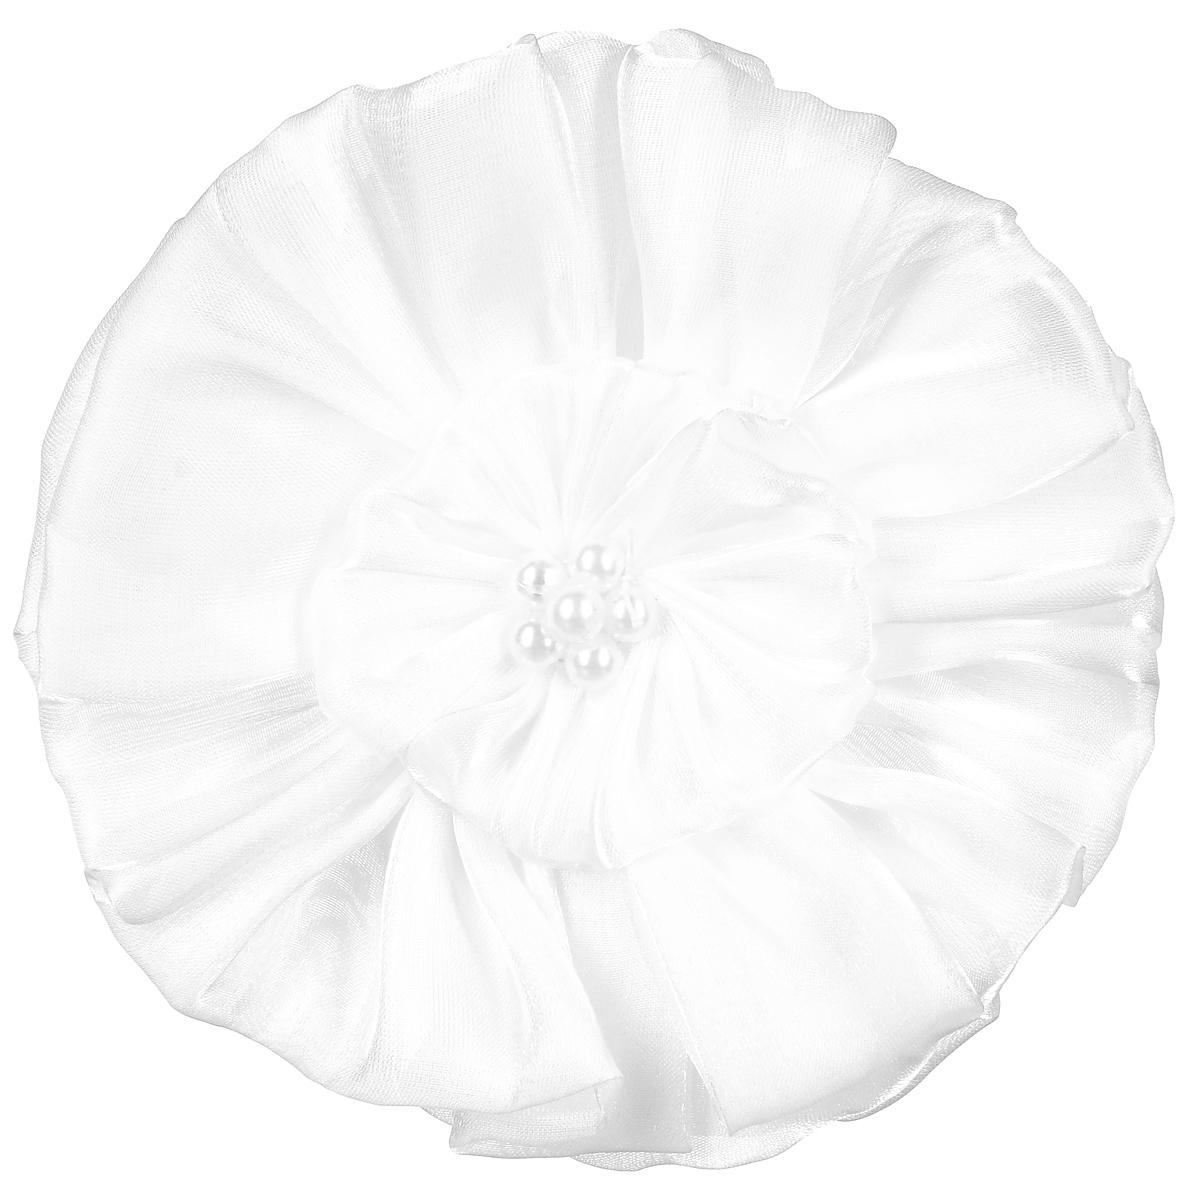 Резинка-бант Fashion House, цвет: белый. FH31827FH31827Резинка для волос Fashion House выполнена из текстиля белого цвета, украшена большим цветком центр которого оформлен пластиковыми бусинами. Диаметр резинки:3 см.